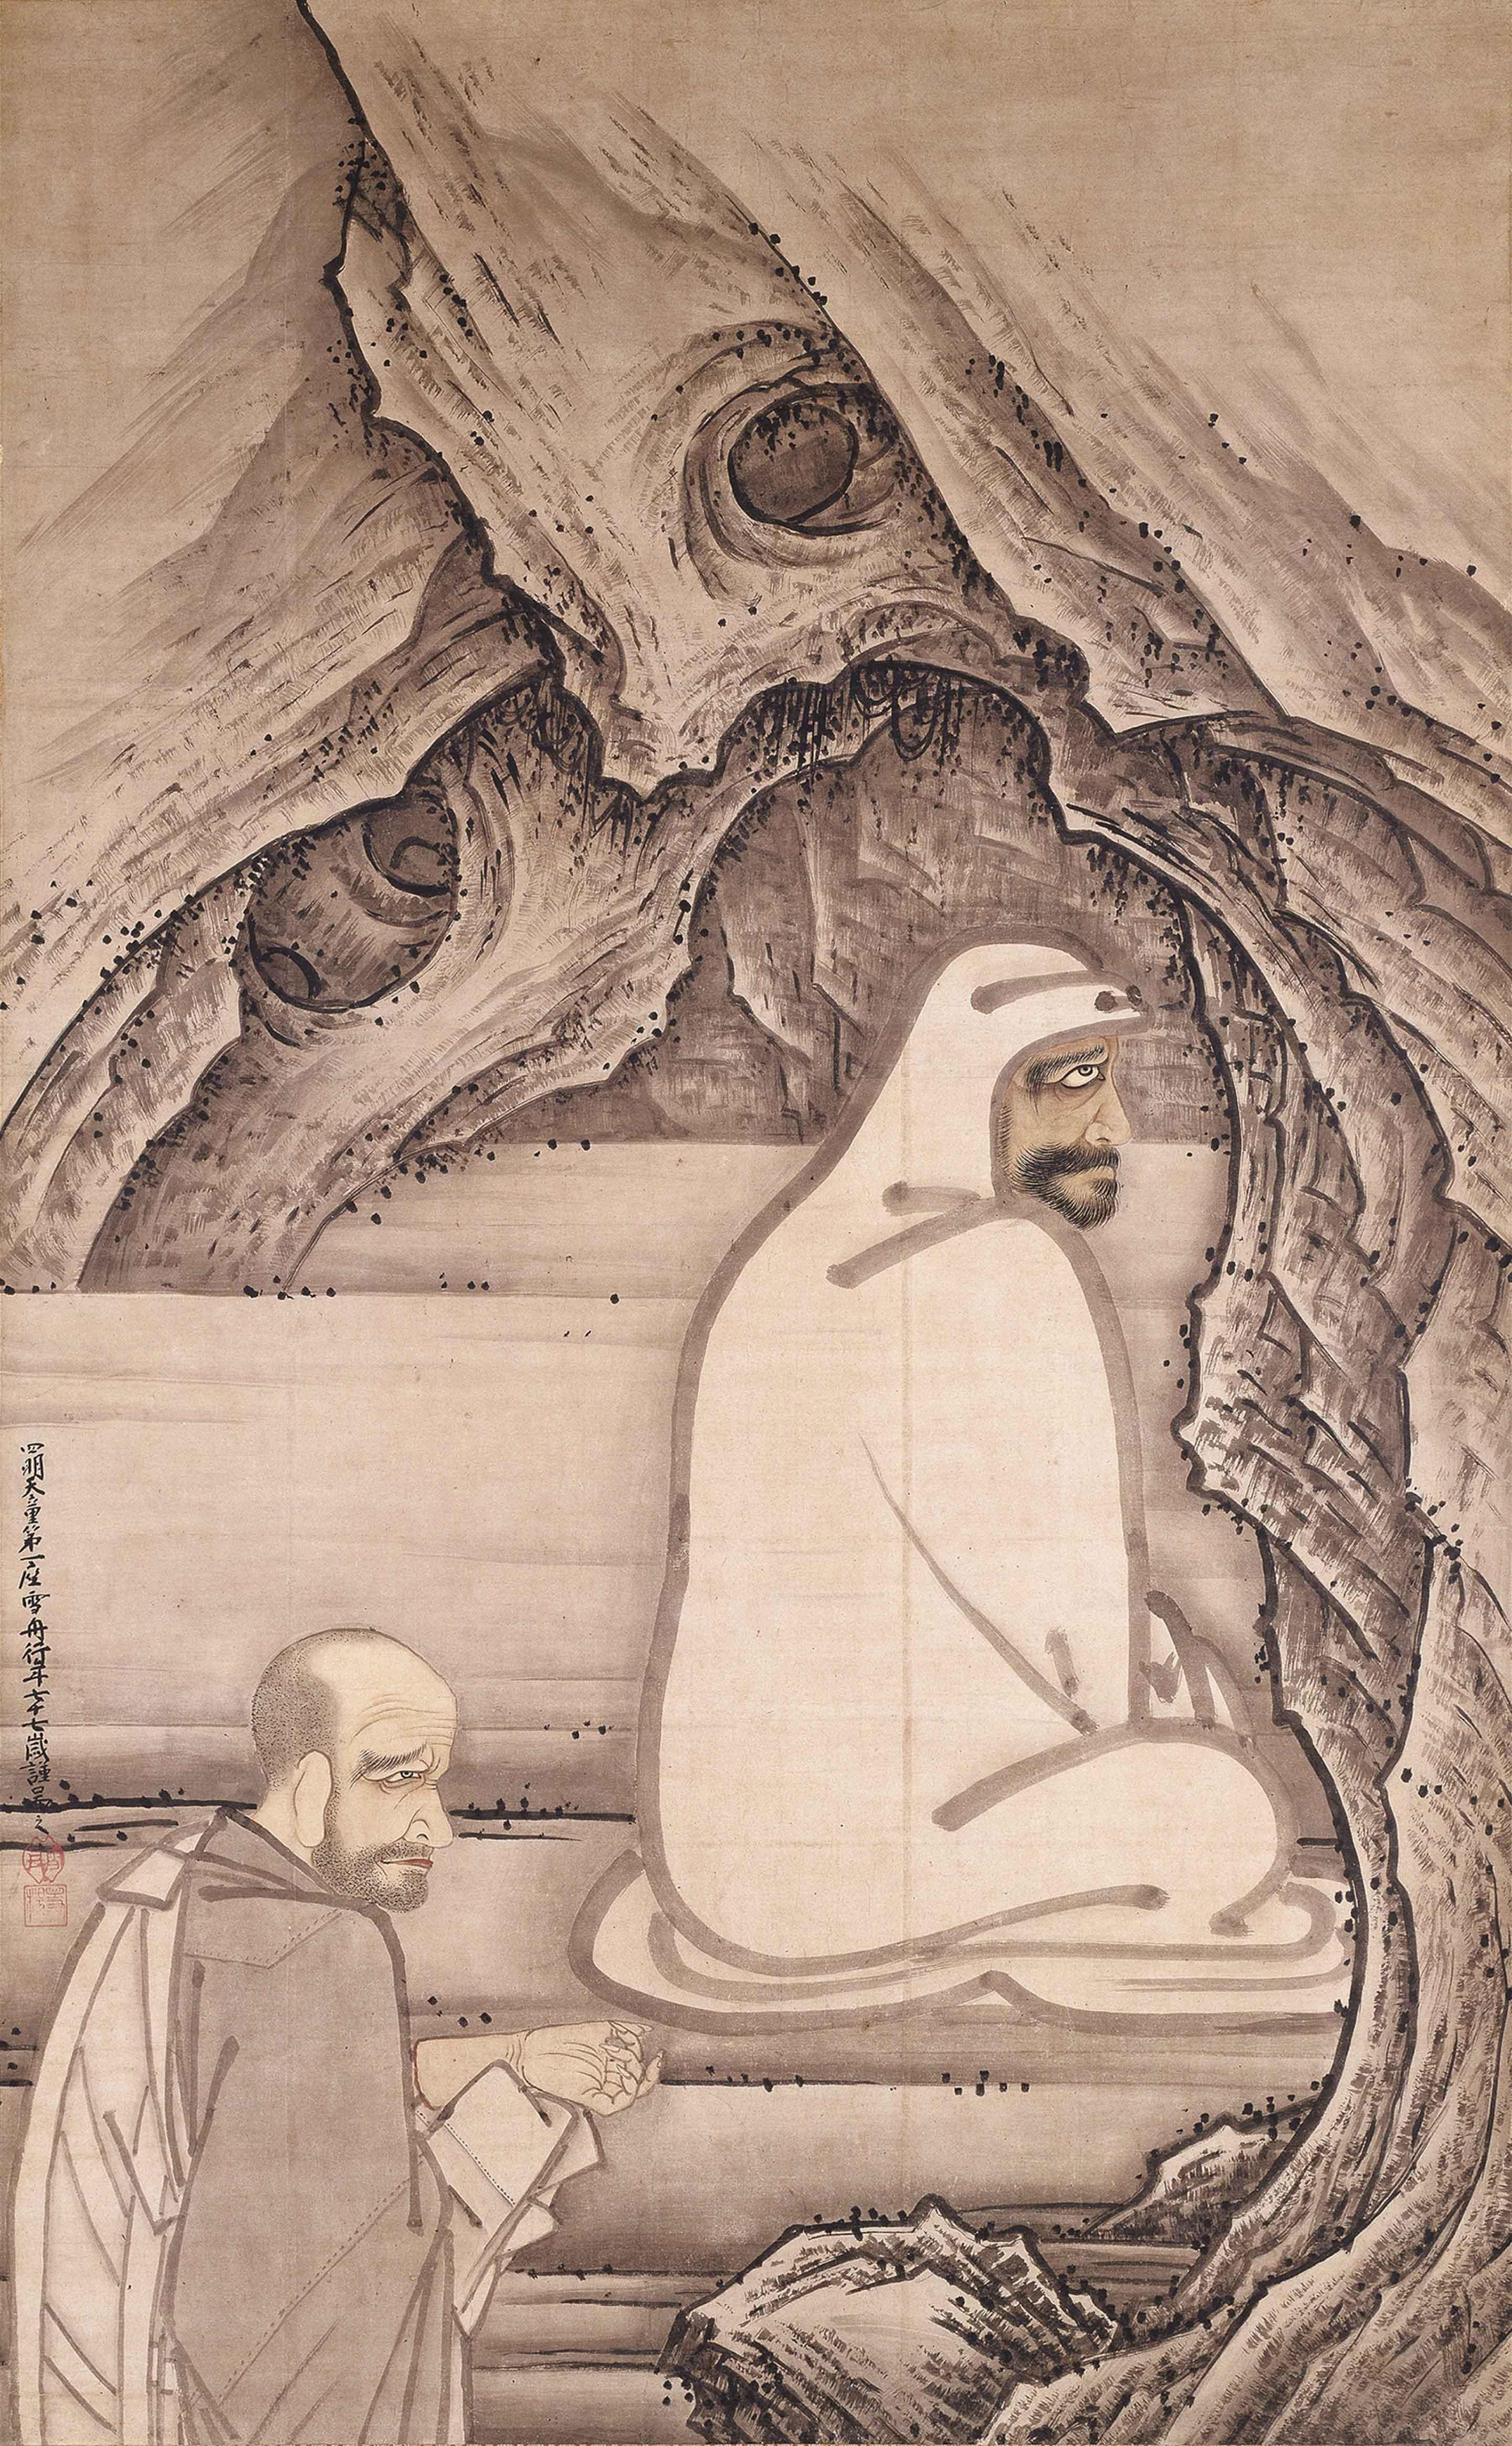 国宝 慧可断臂図 雪舟等楊筆 室町時代 明応5年(1496) 愛知・齊年寺蔵 11/8~11/27展示 座禅をする達磨に向かい、神光(後の慧可)という僧が弟子となるべく己の左腕を切り落とす場面。雪舟77歳の大作。